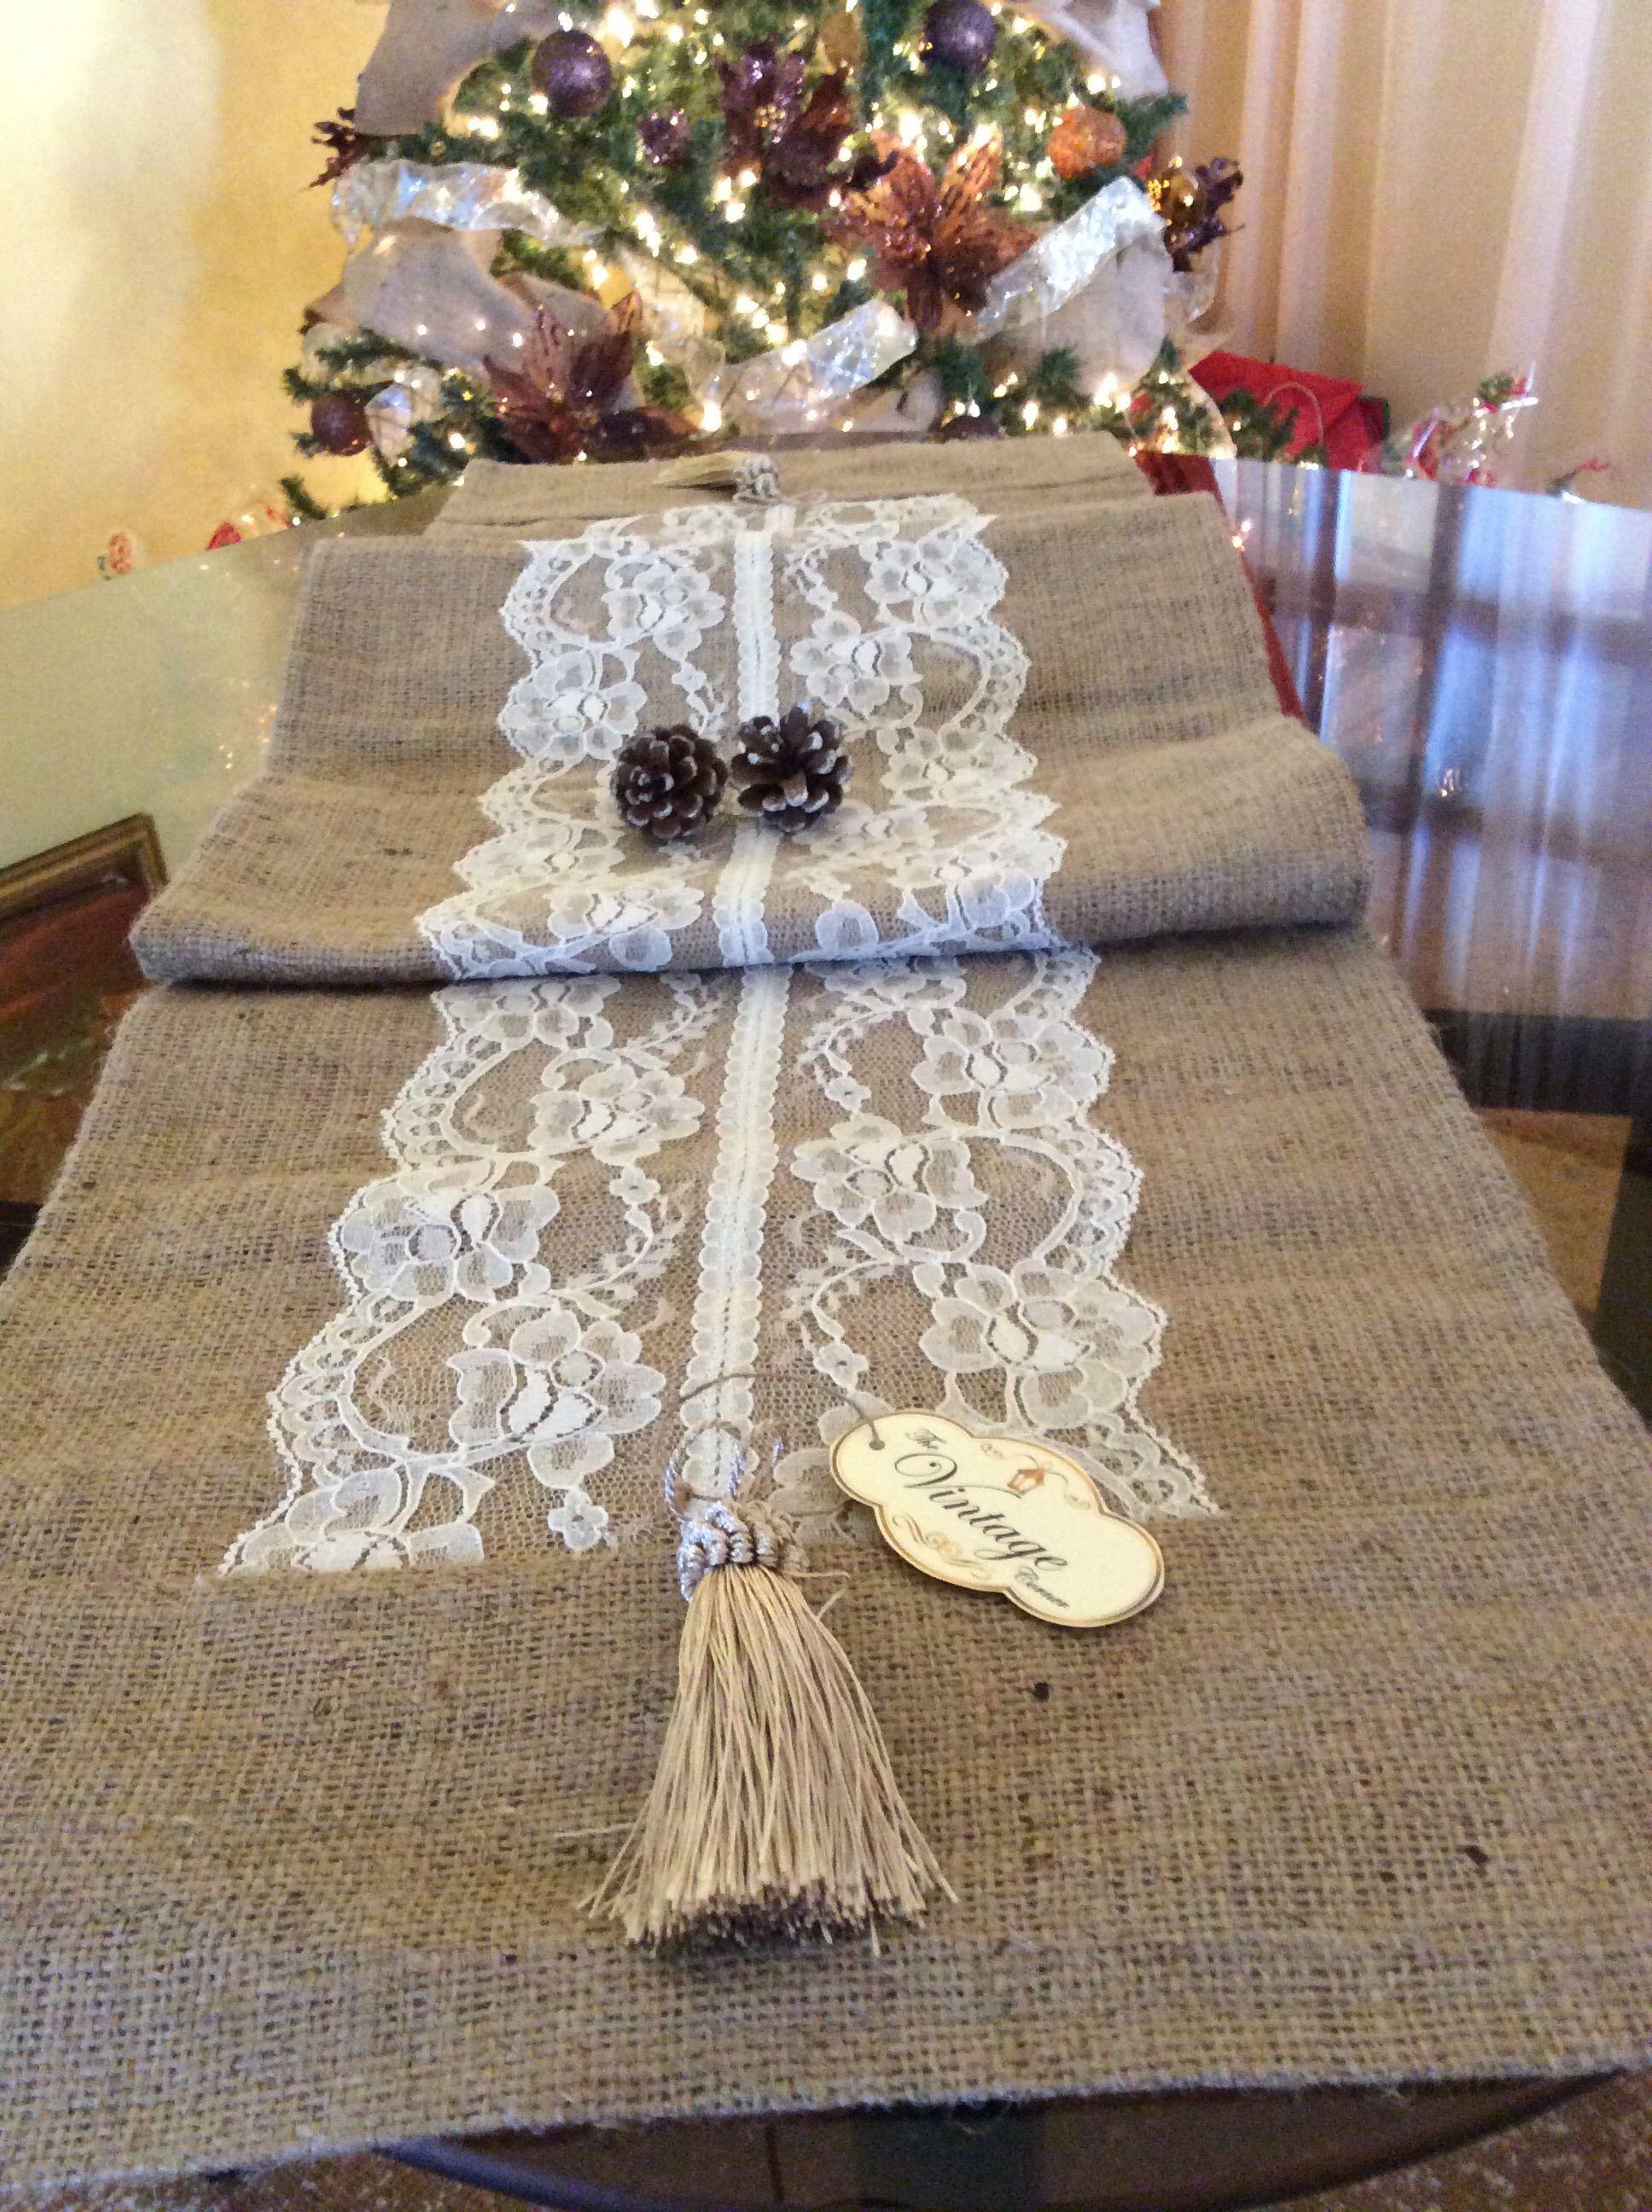 Vintage Table Runner With Burlap And Lace Camino De Mesa Estilo